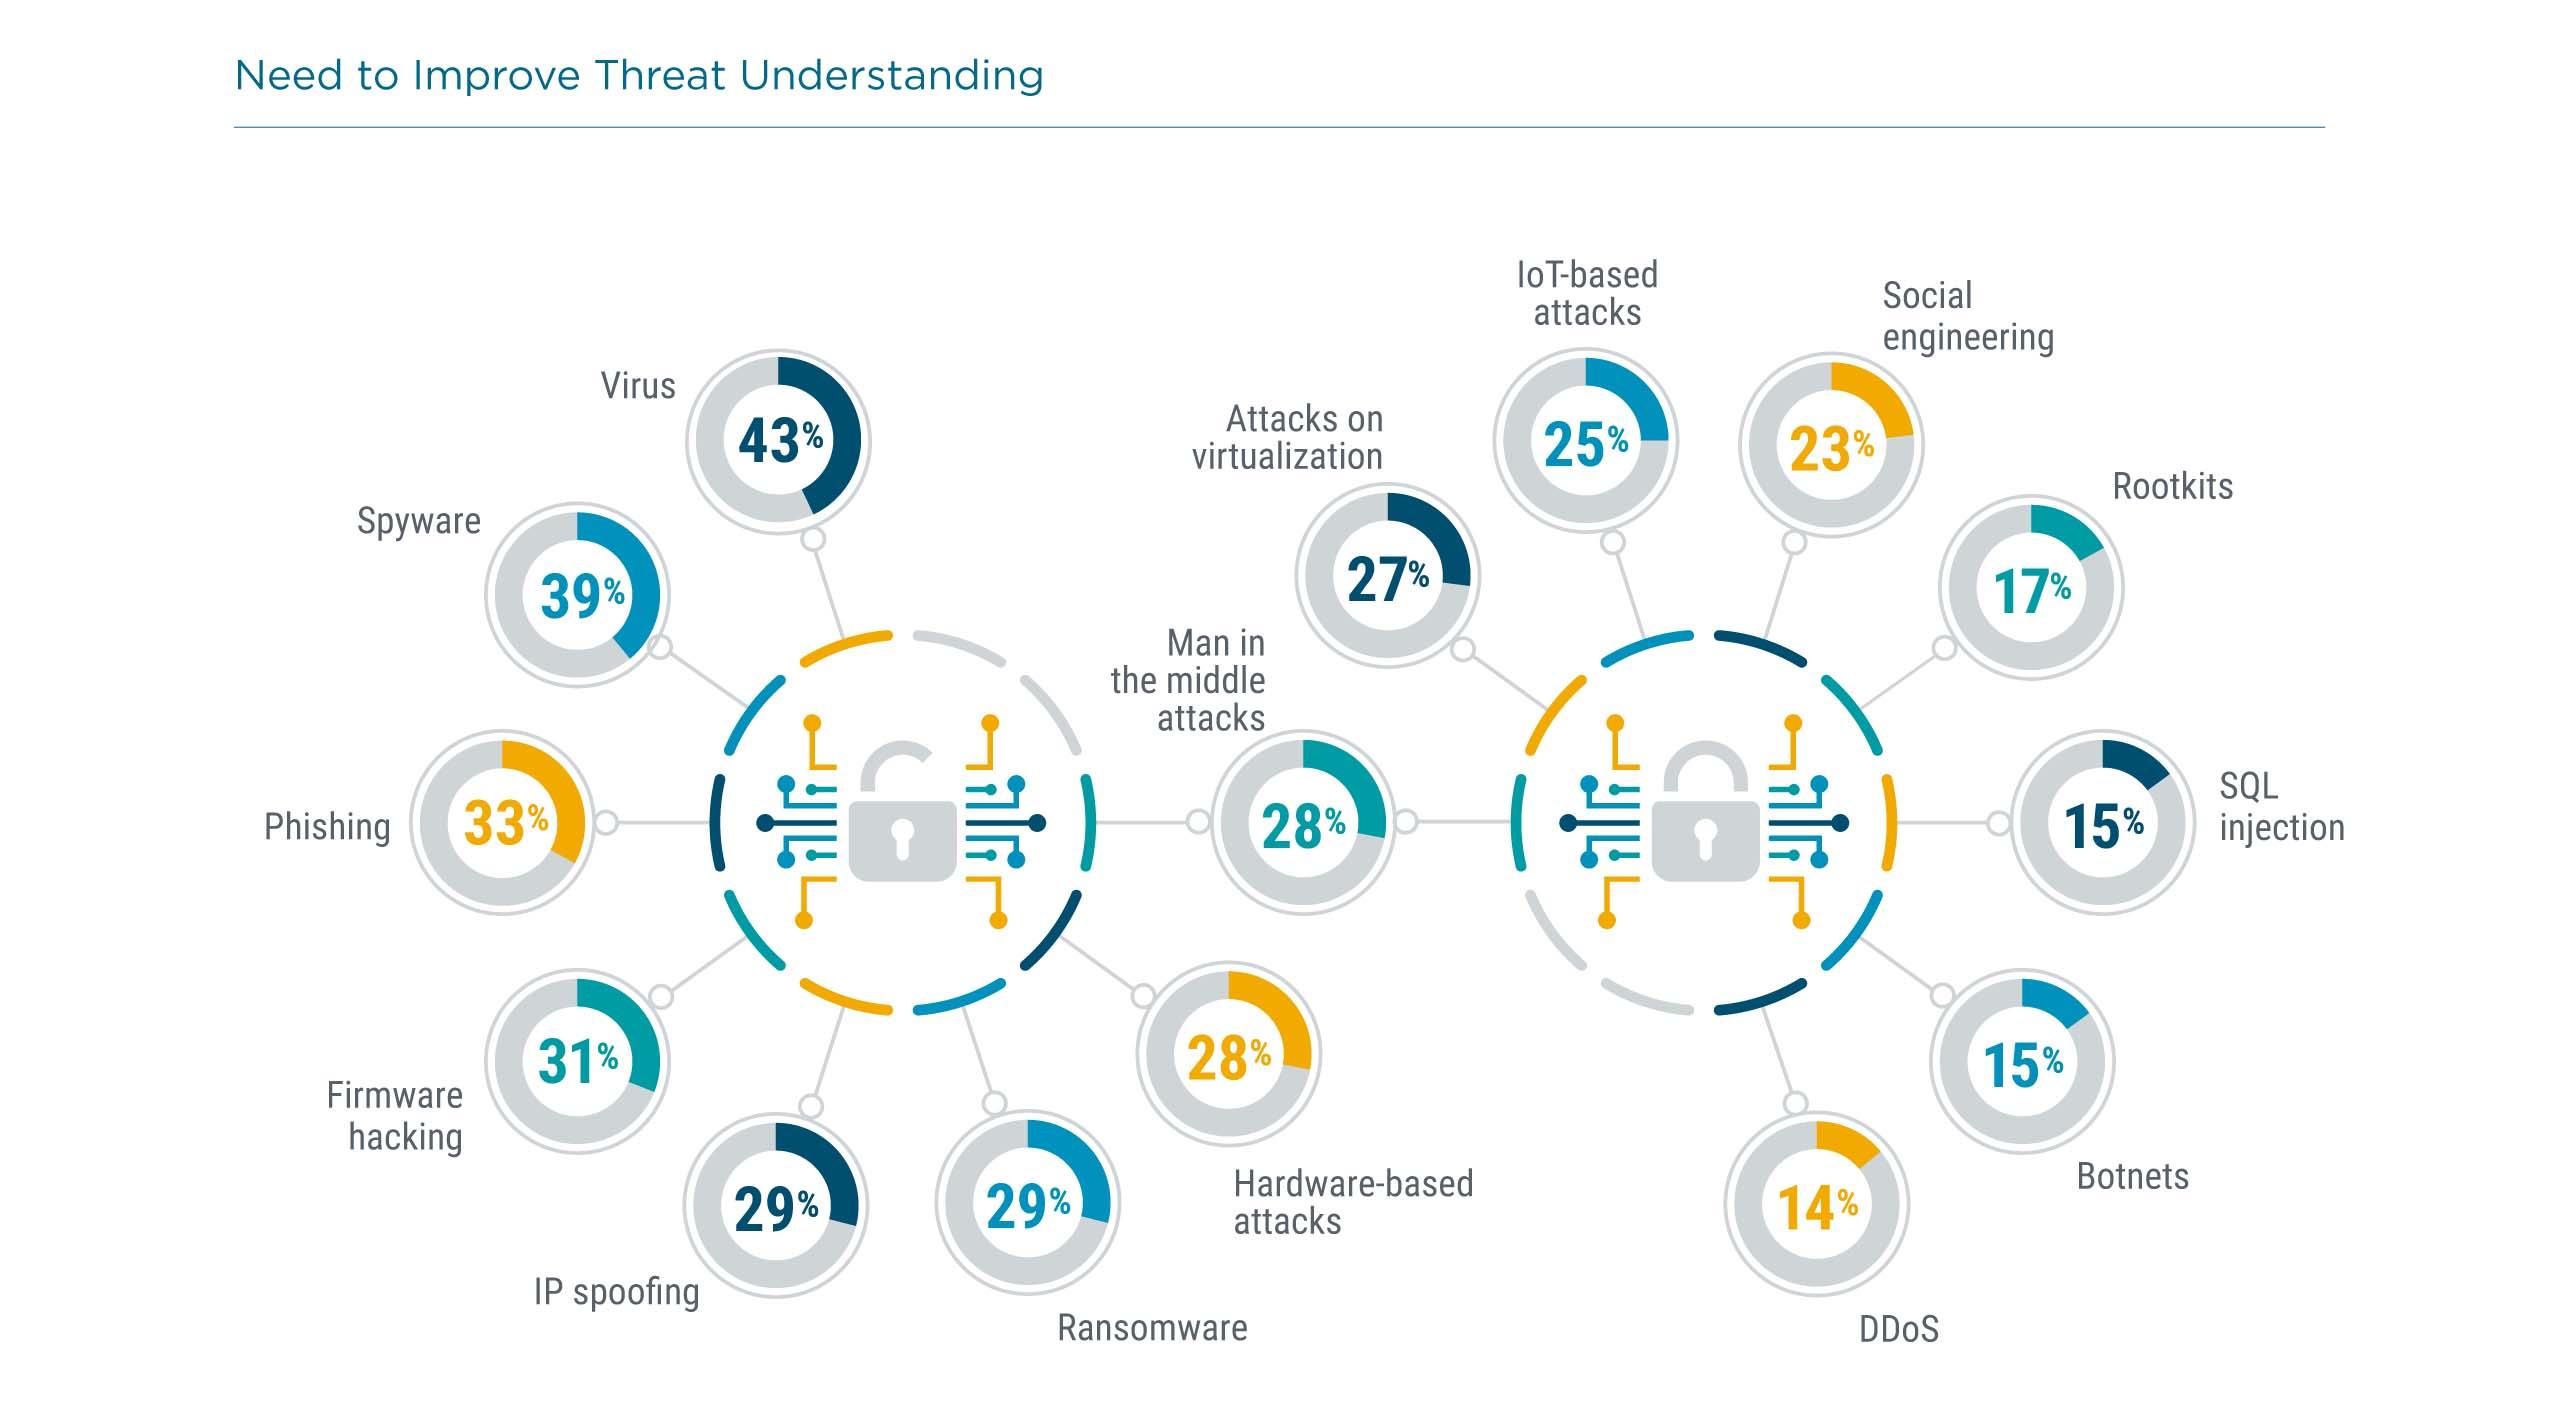 Need to Improve Threat Understanding